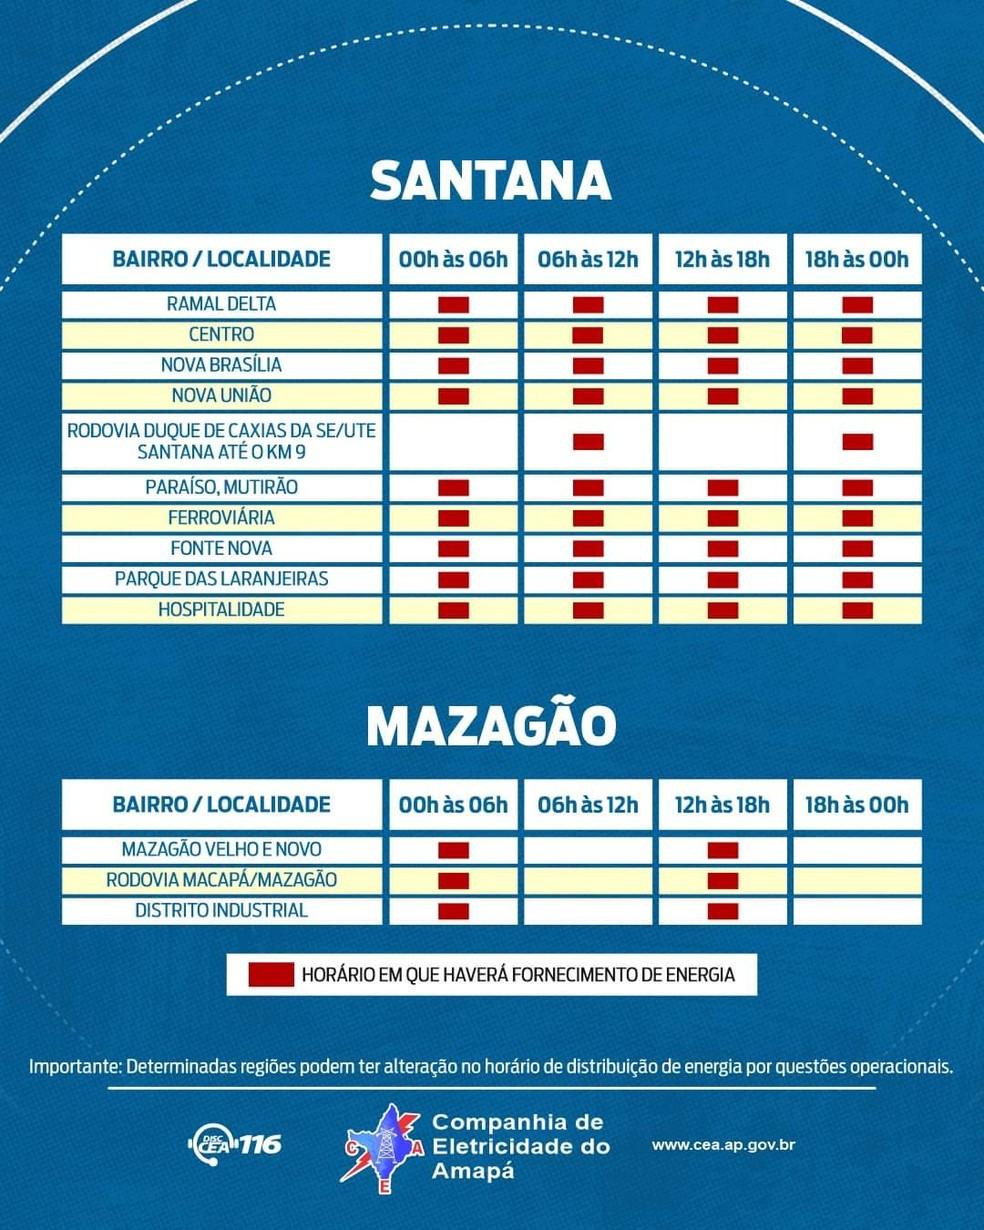 Amapá - cronograma de rodízio - Santana 2 e Mazagão — Foto: CEA/Divulgação